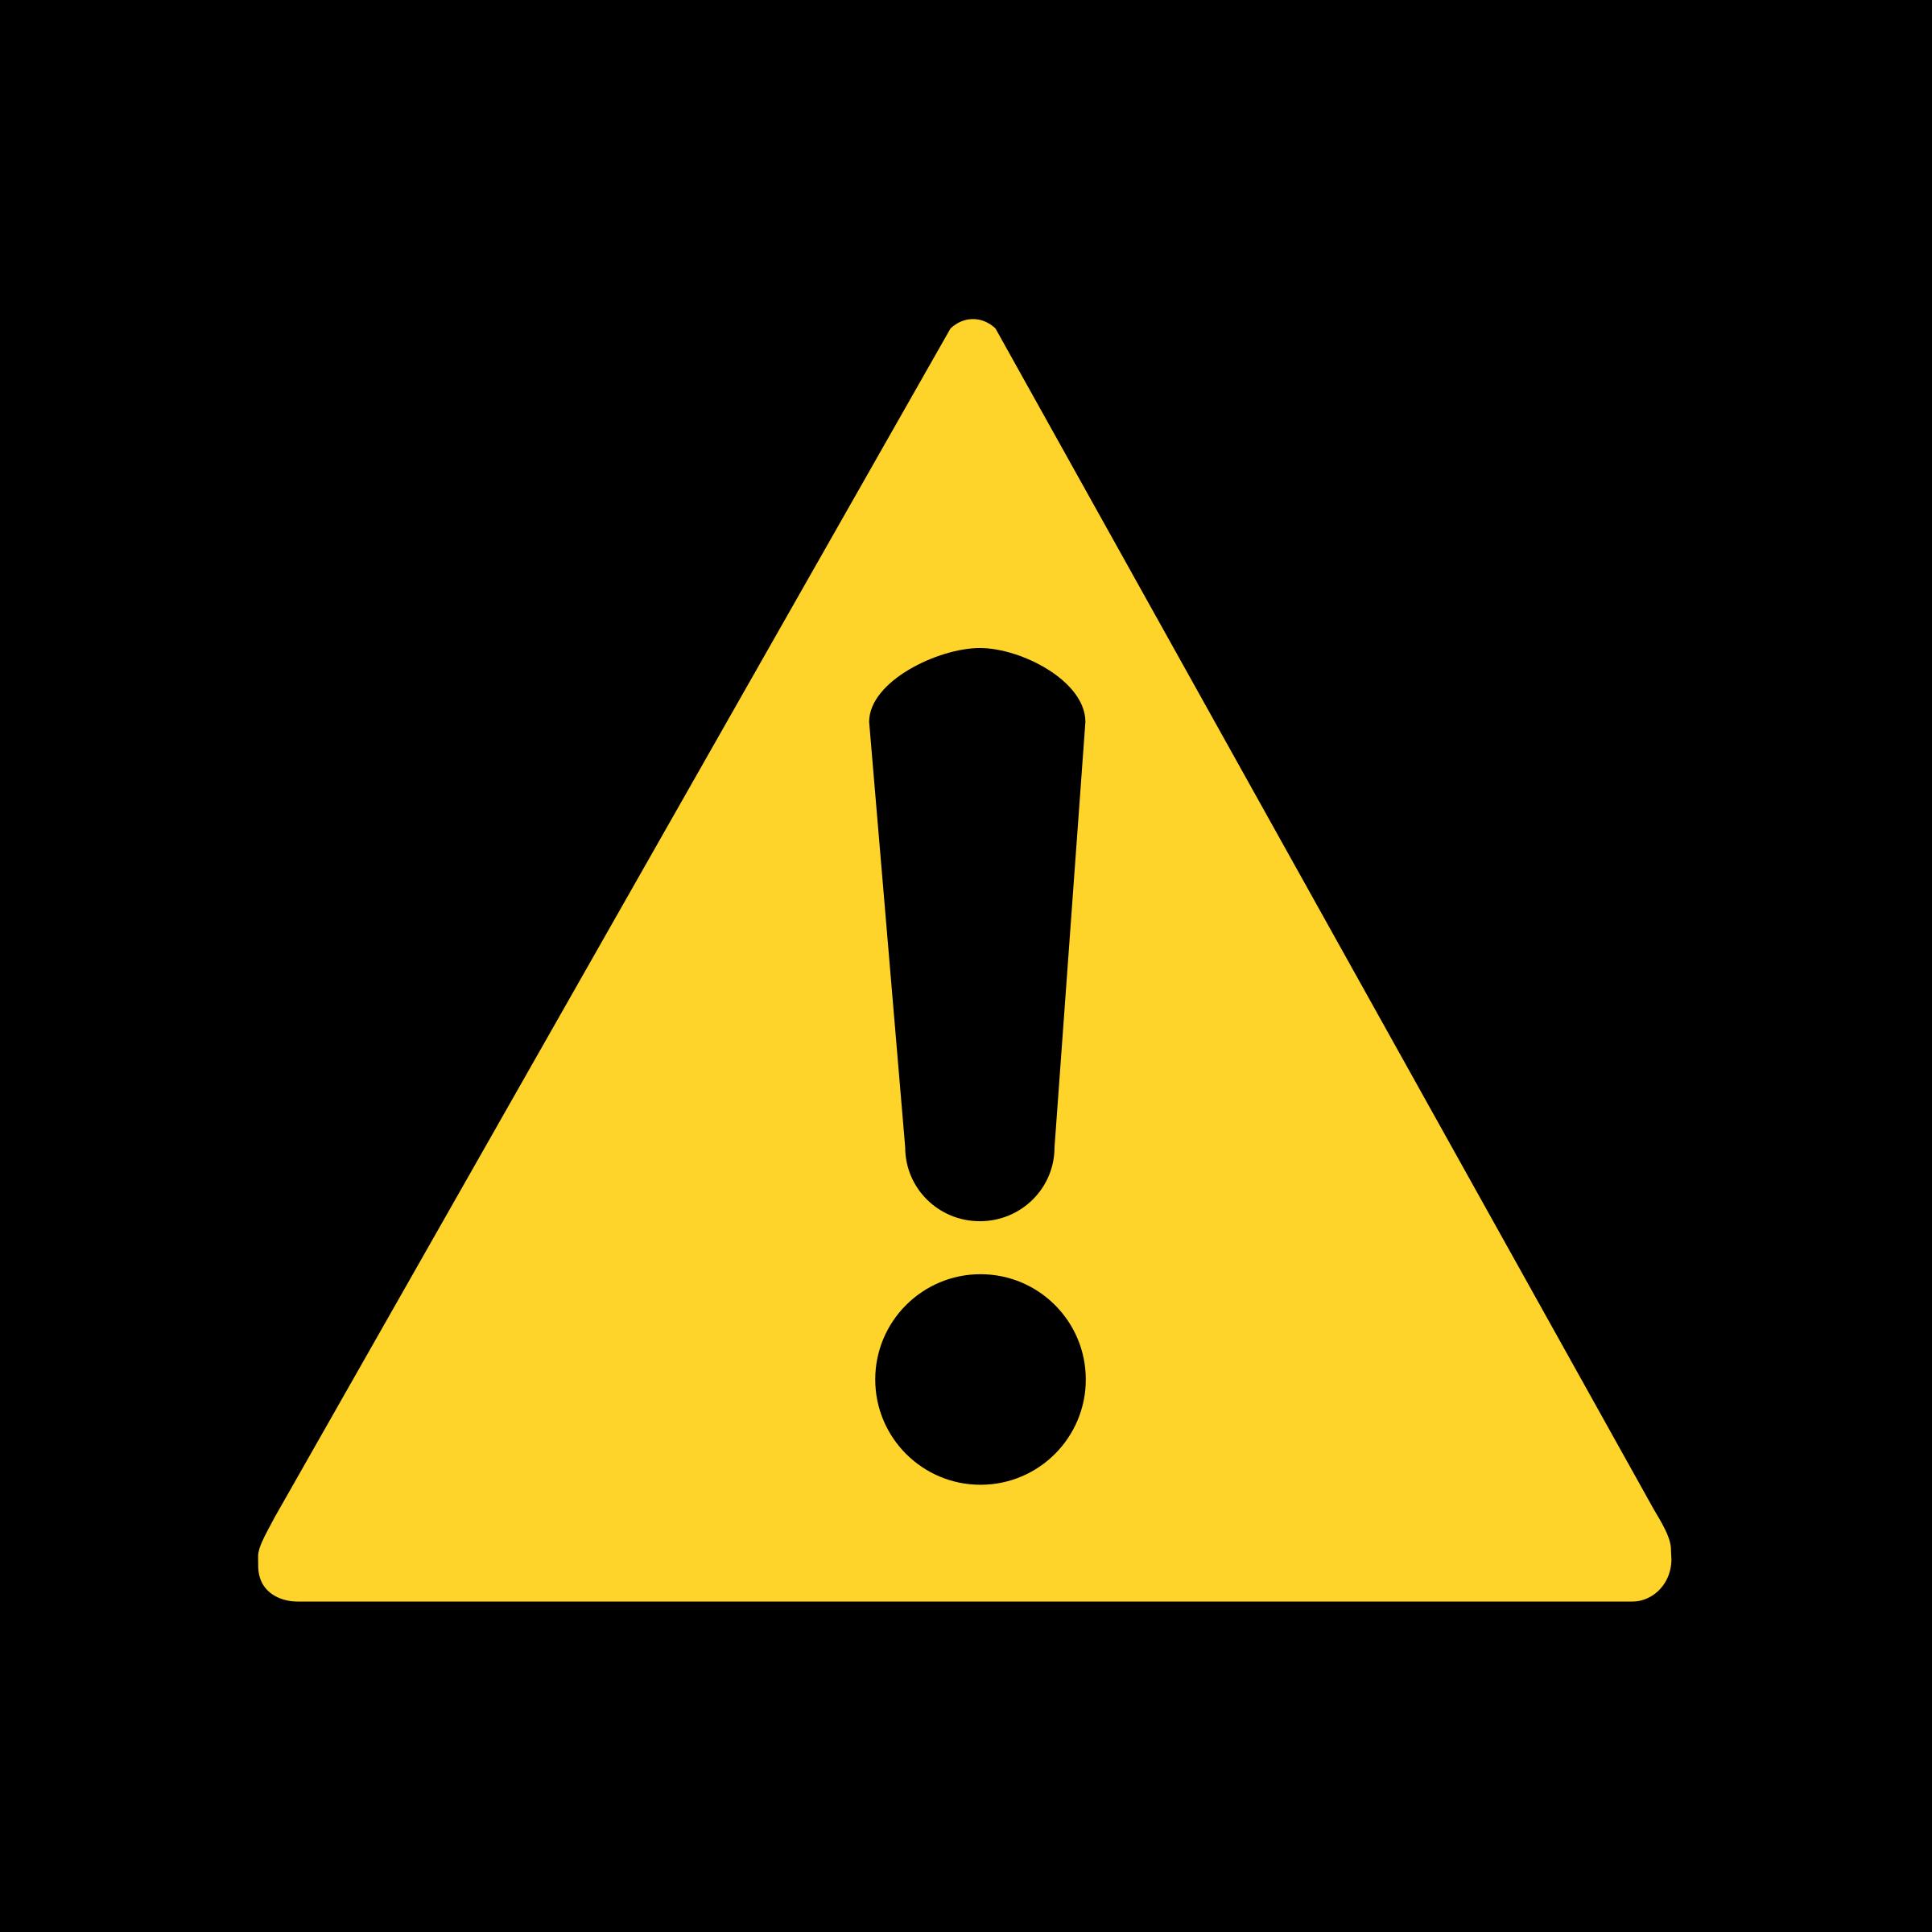 warning-image